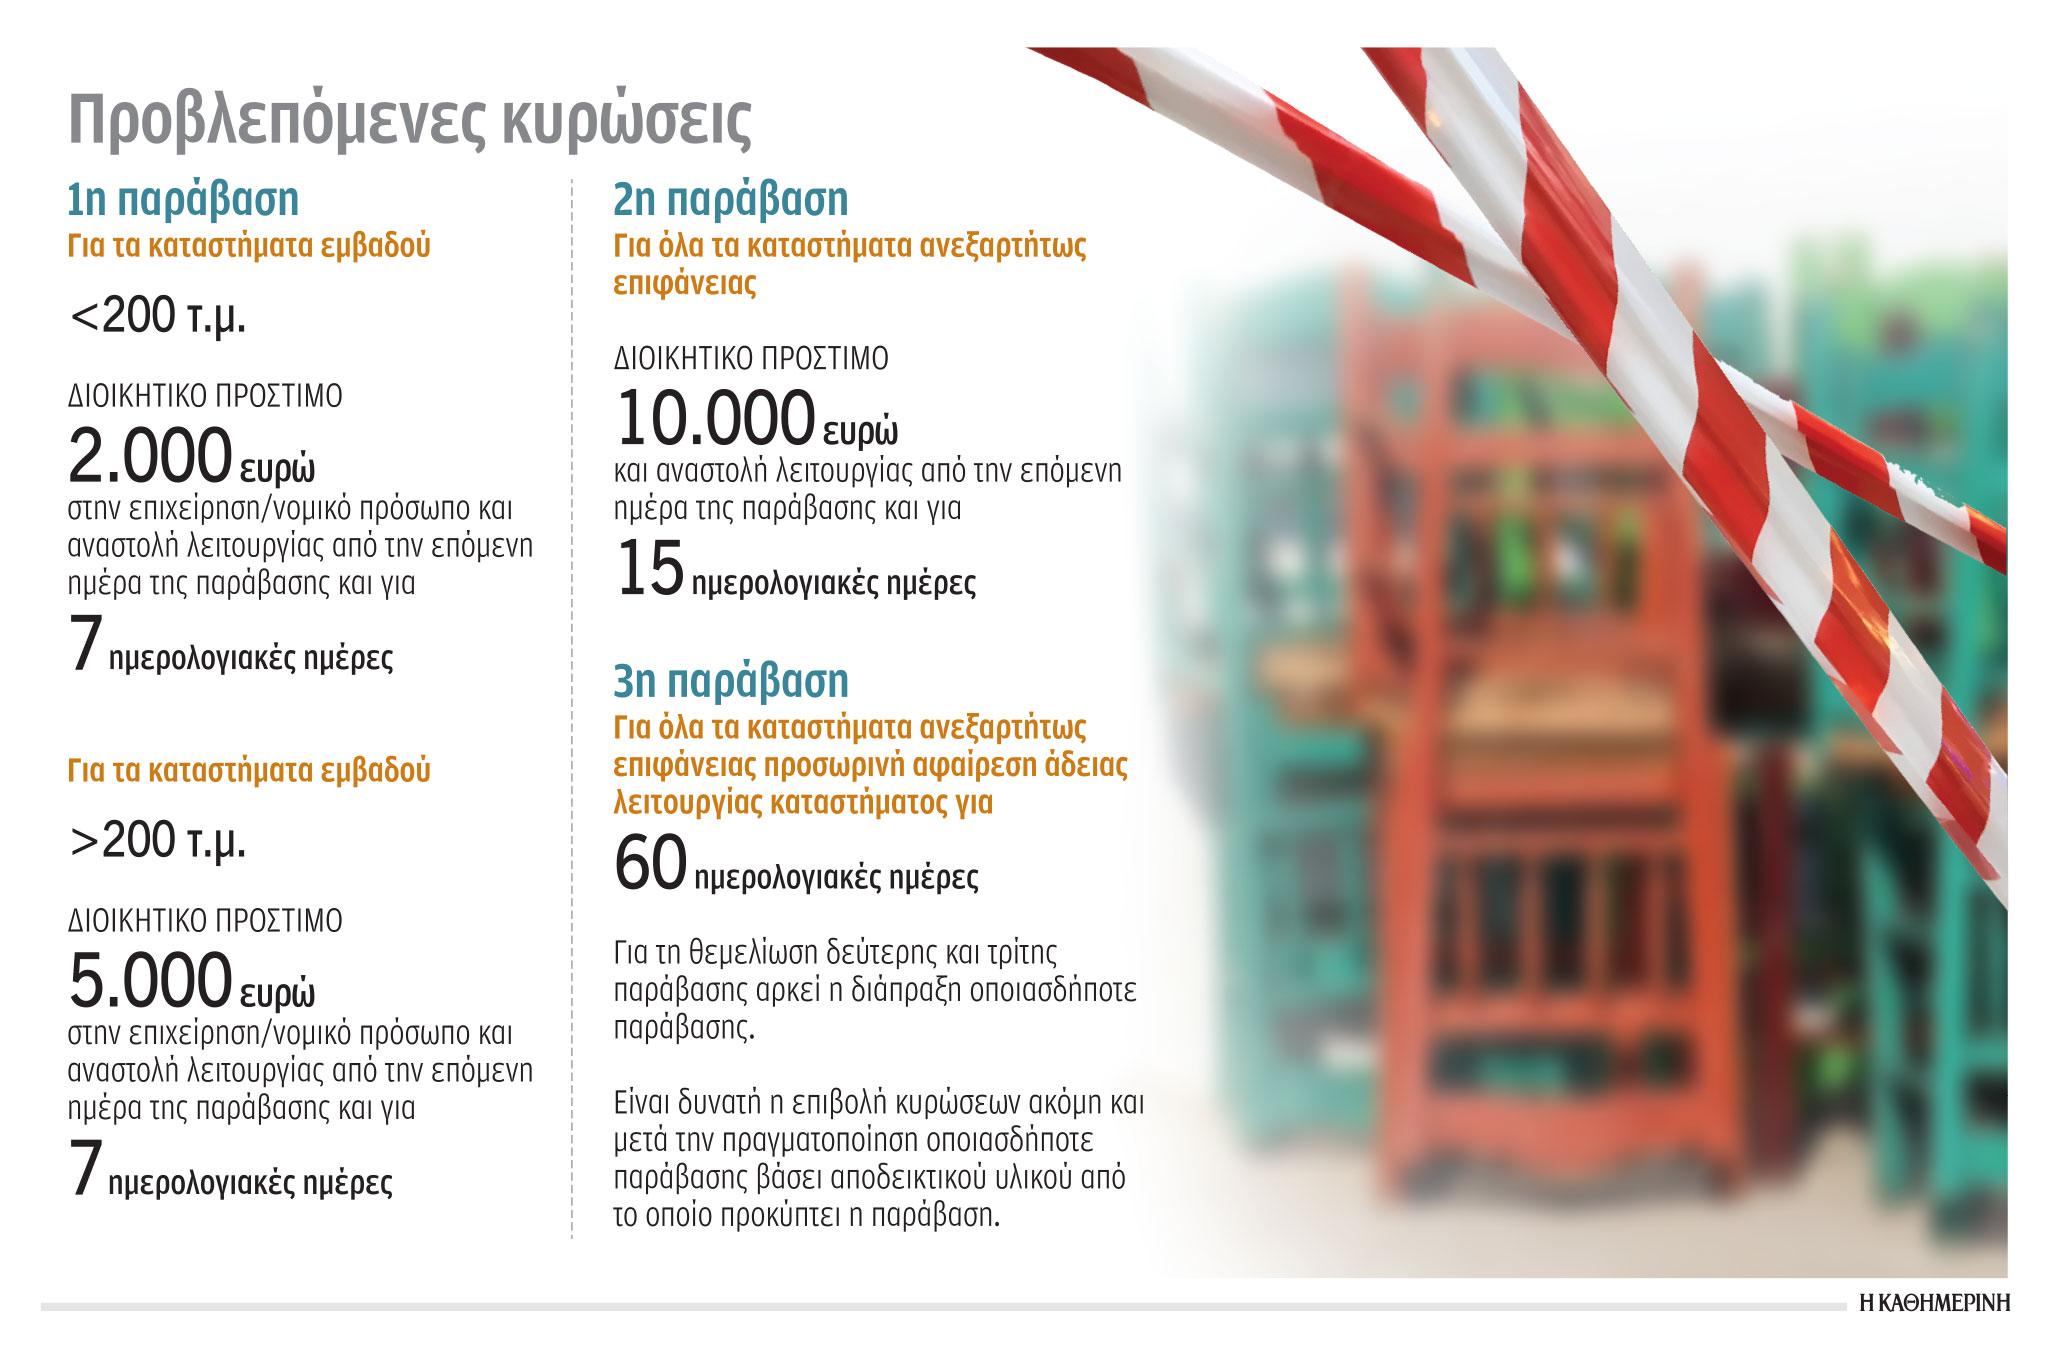 nea-metra-ti-provlepetai-gia-toys-kleistoys-choroys1